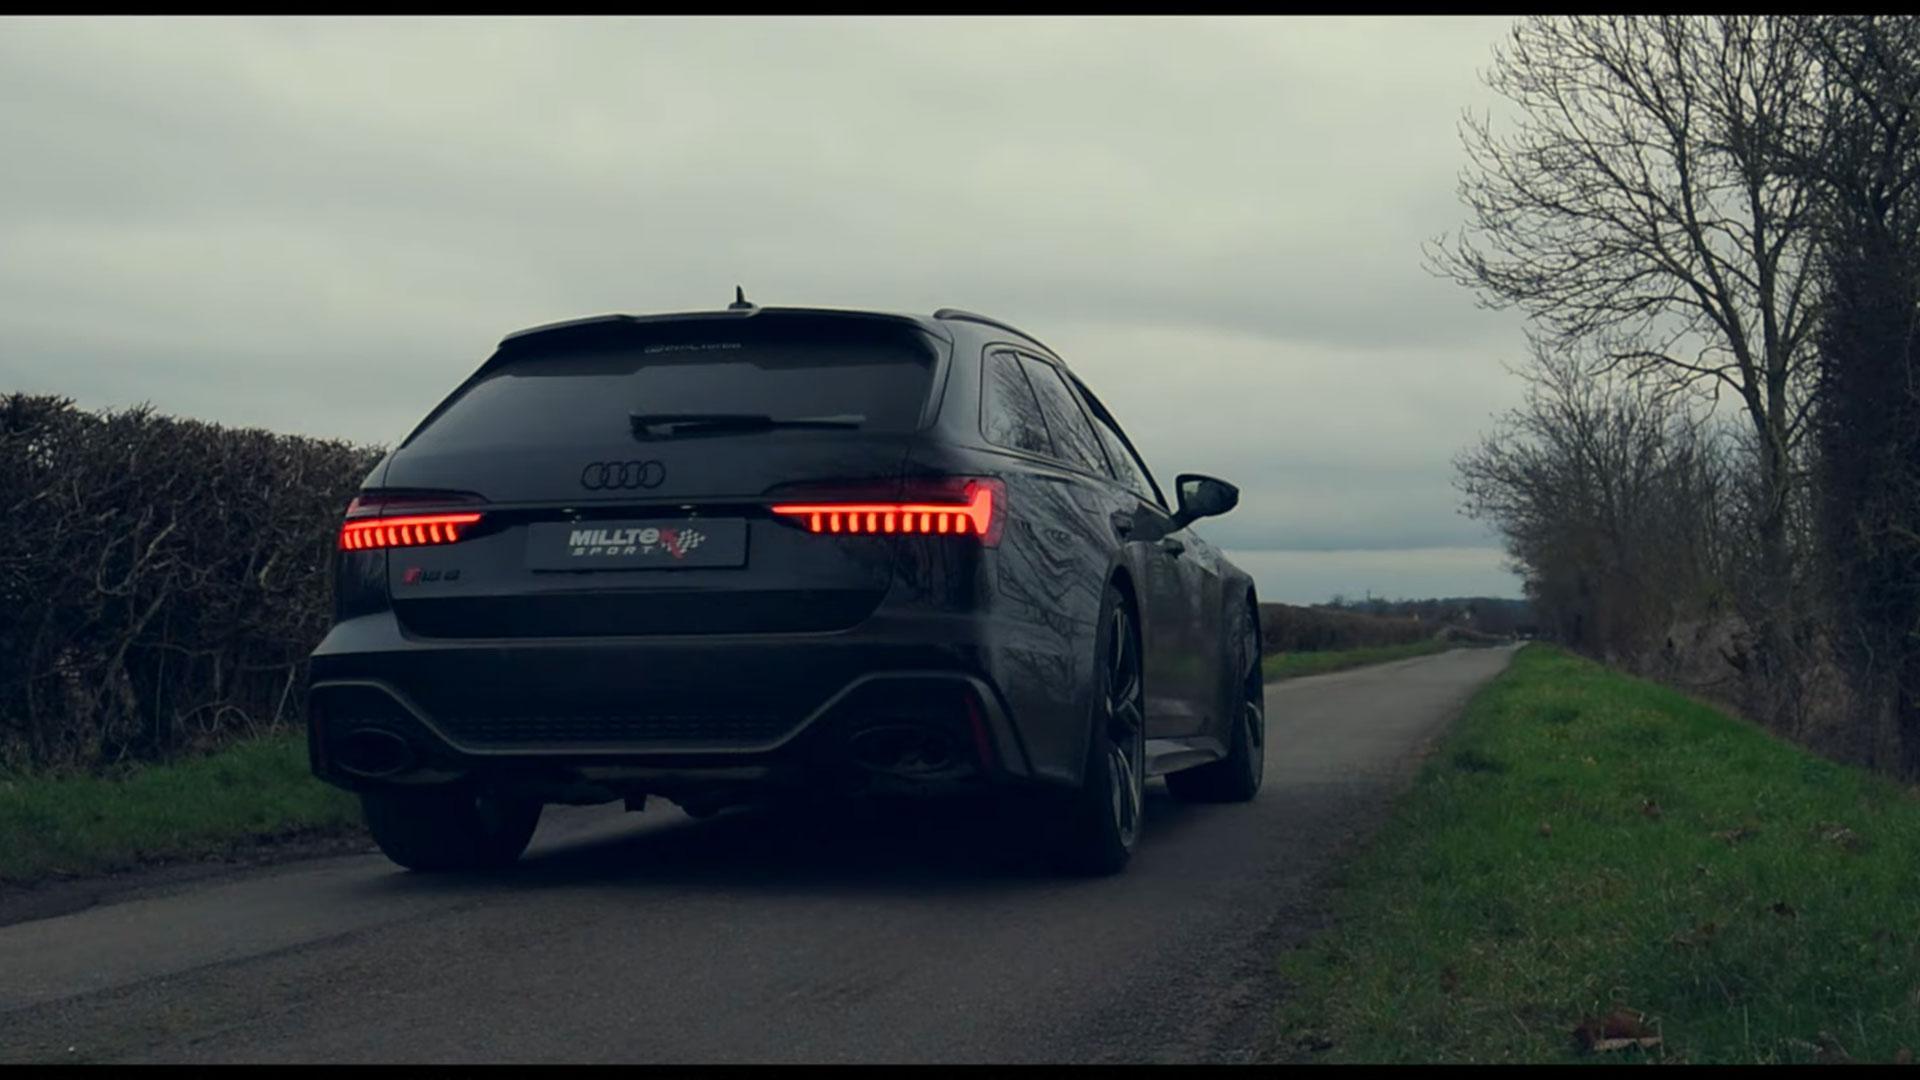 Audi RS 6 C8 met miltek-uitlaat